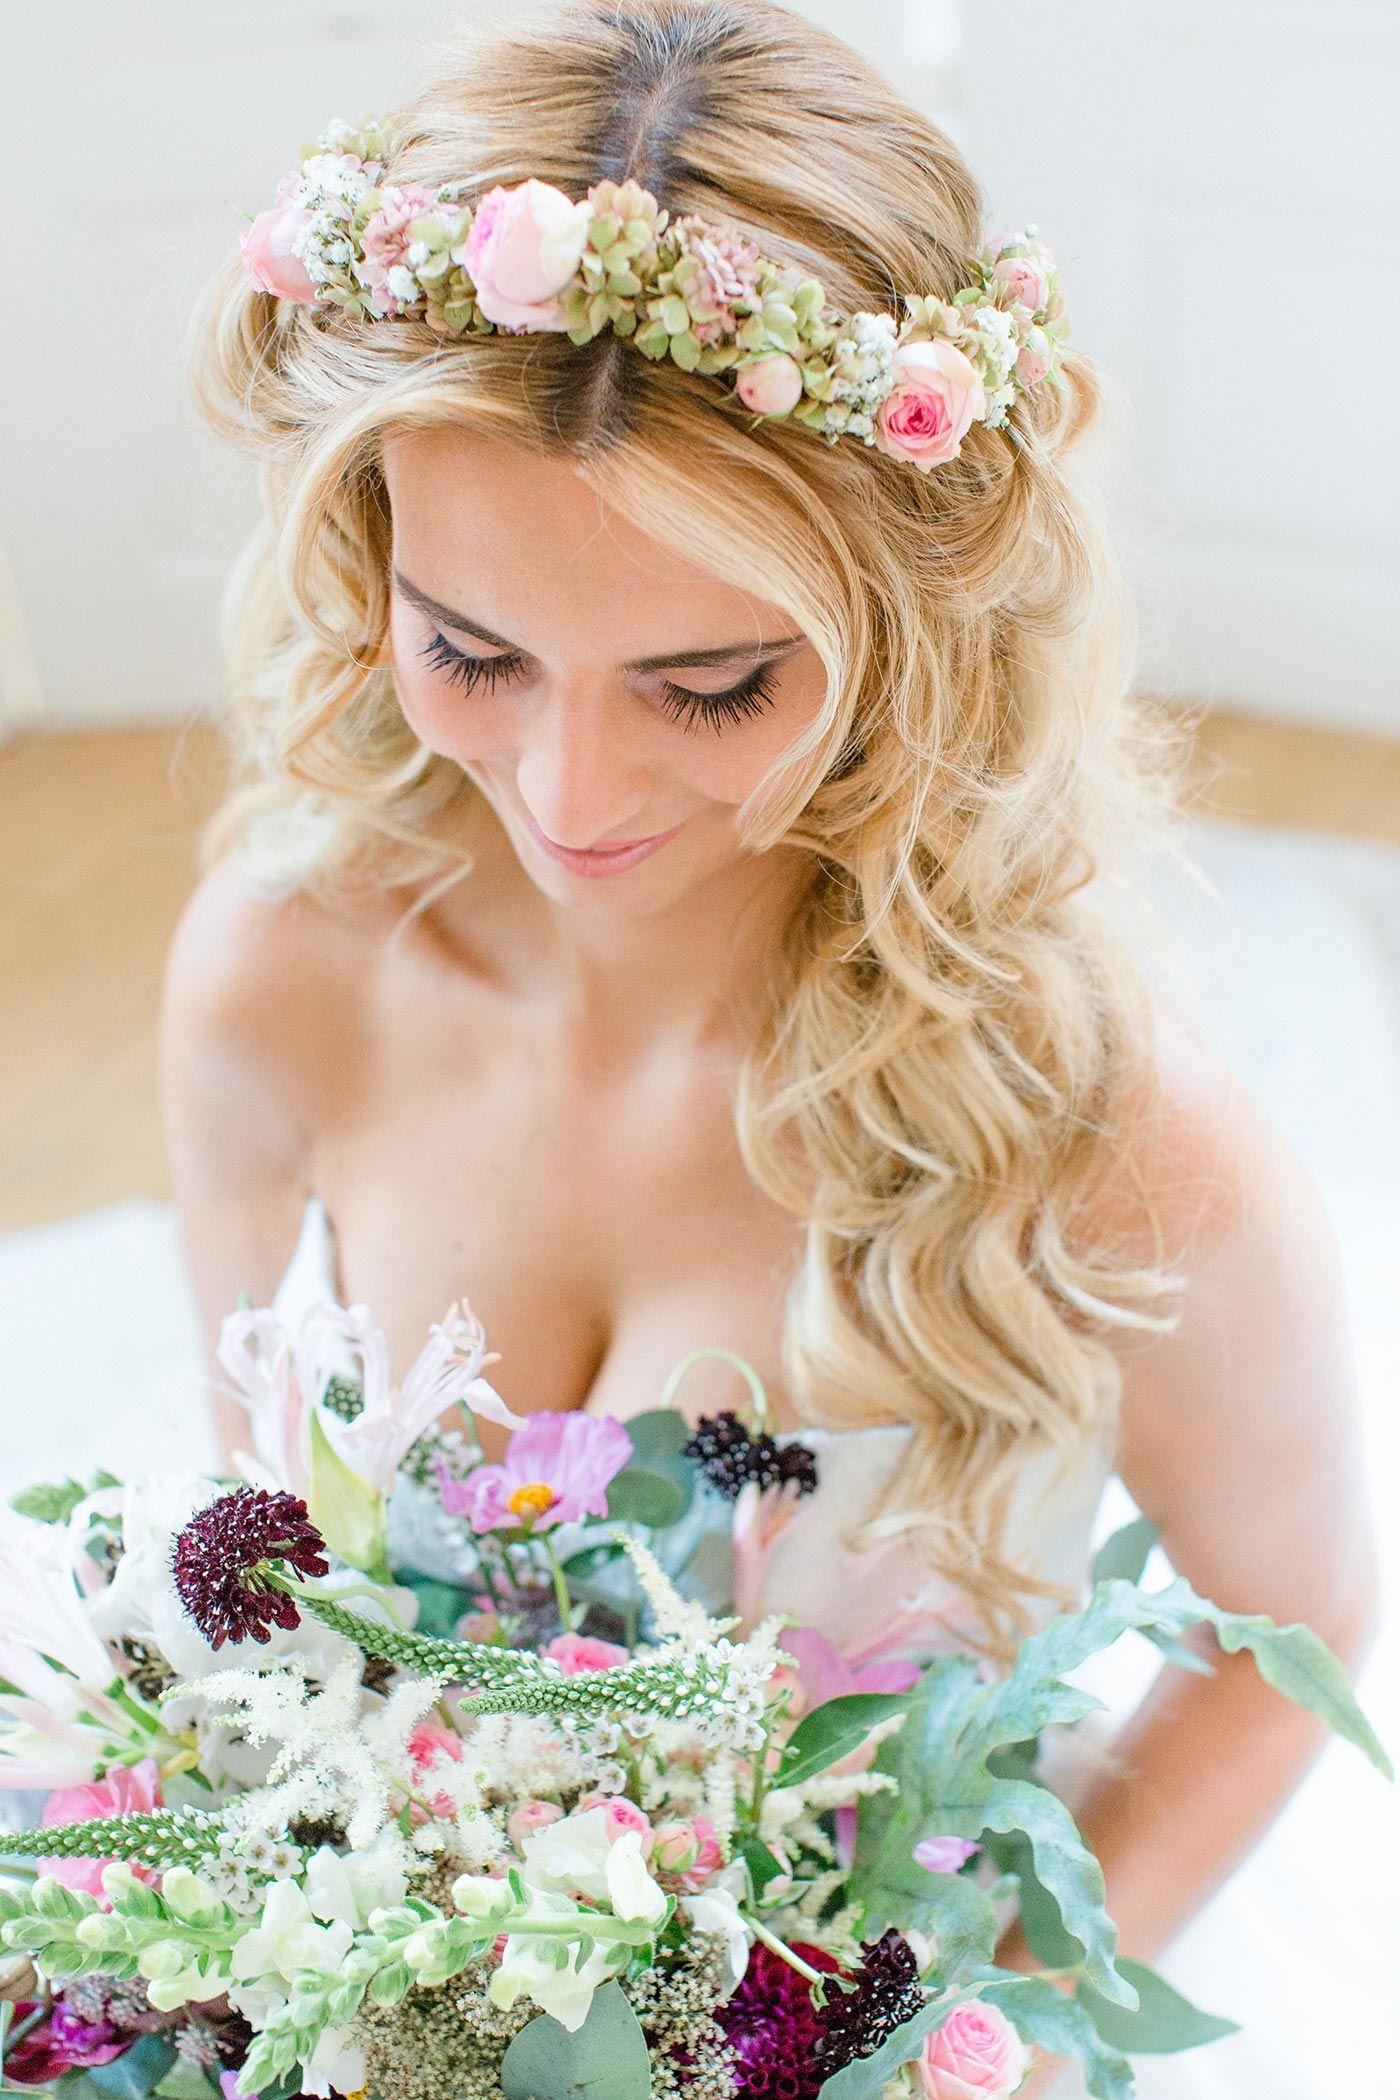 Offene Brautfrisur Mit Blumenkranz I Grosse Bildergalerie Frisur Blumenkranz Hochzeit Frisuren Blumenkranz Blumenkranz Haare